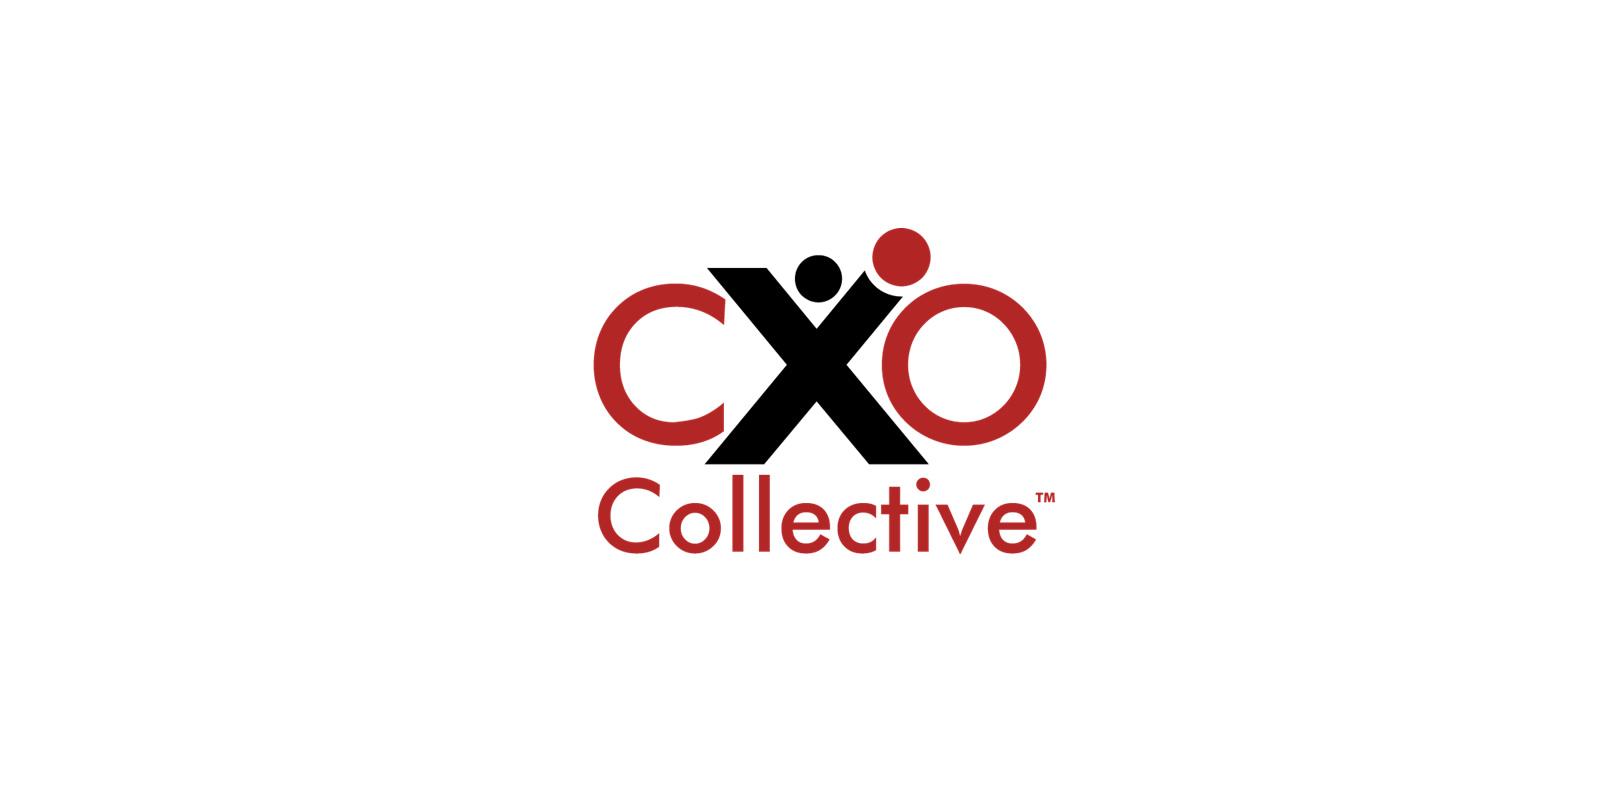 CXO Collective